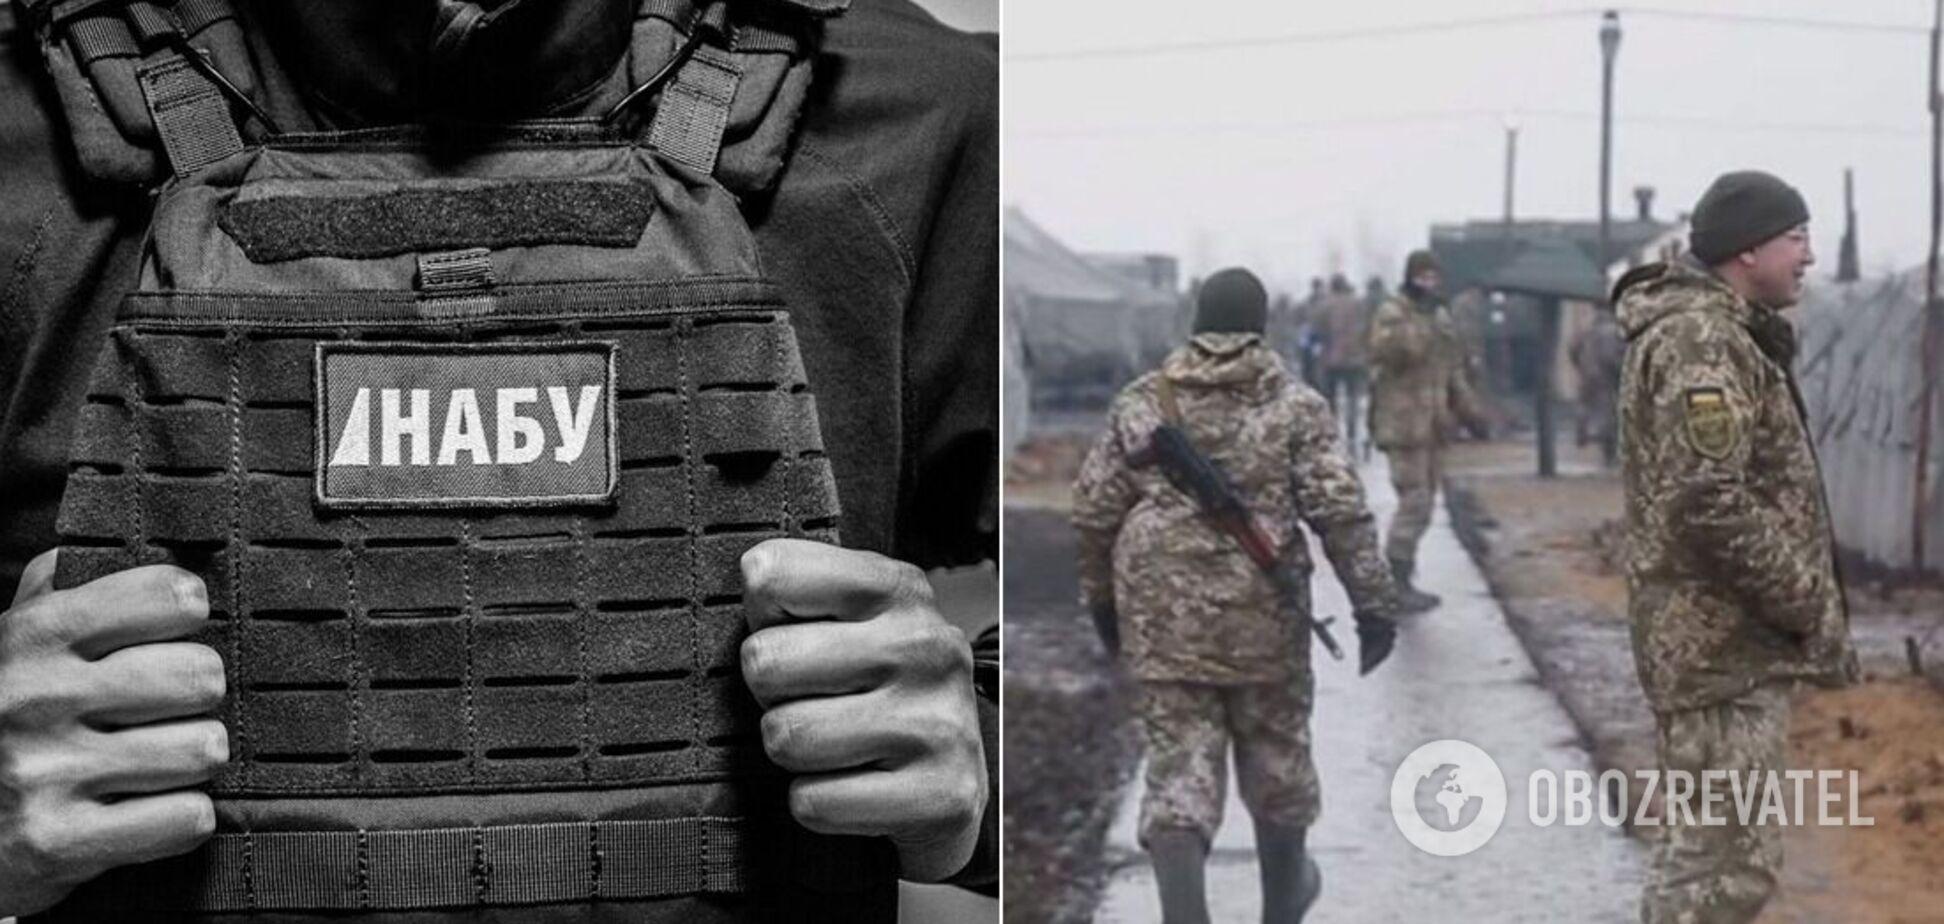 НАБУ разоблачило группу лиц на злоупотреблениях при обустройстве военного полигона